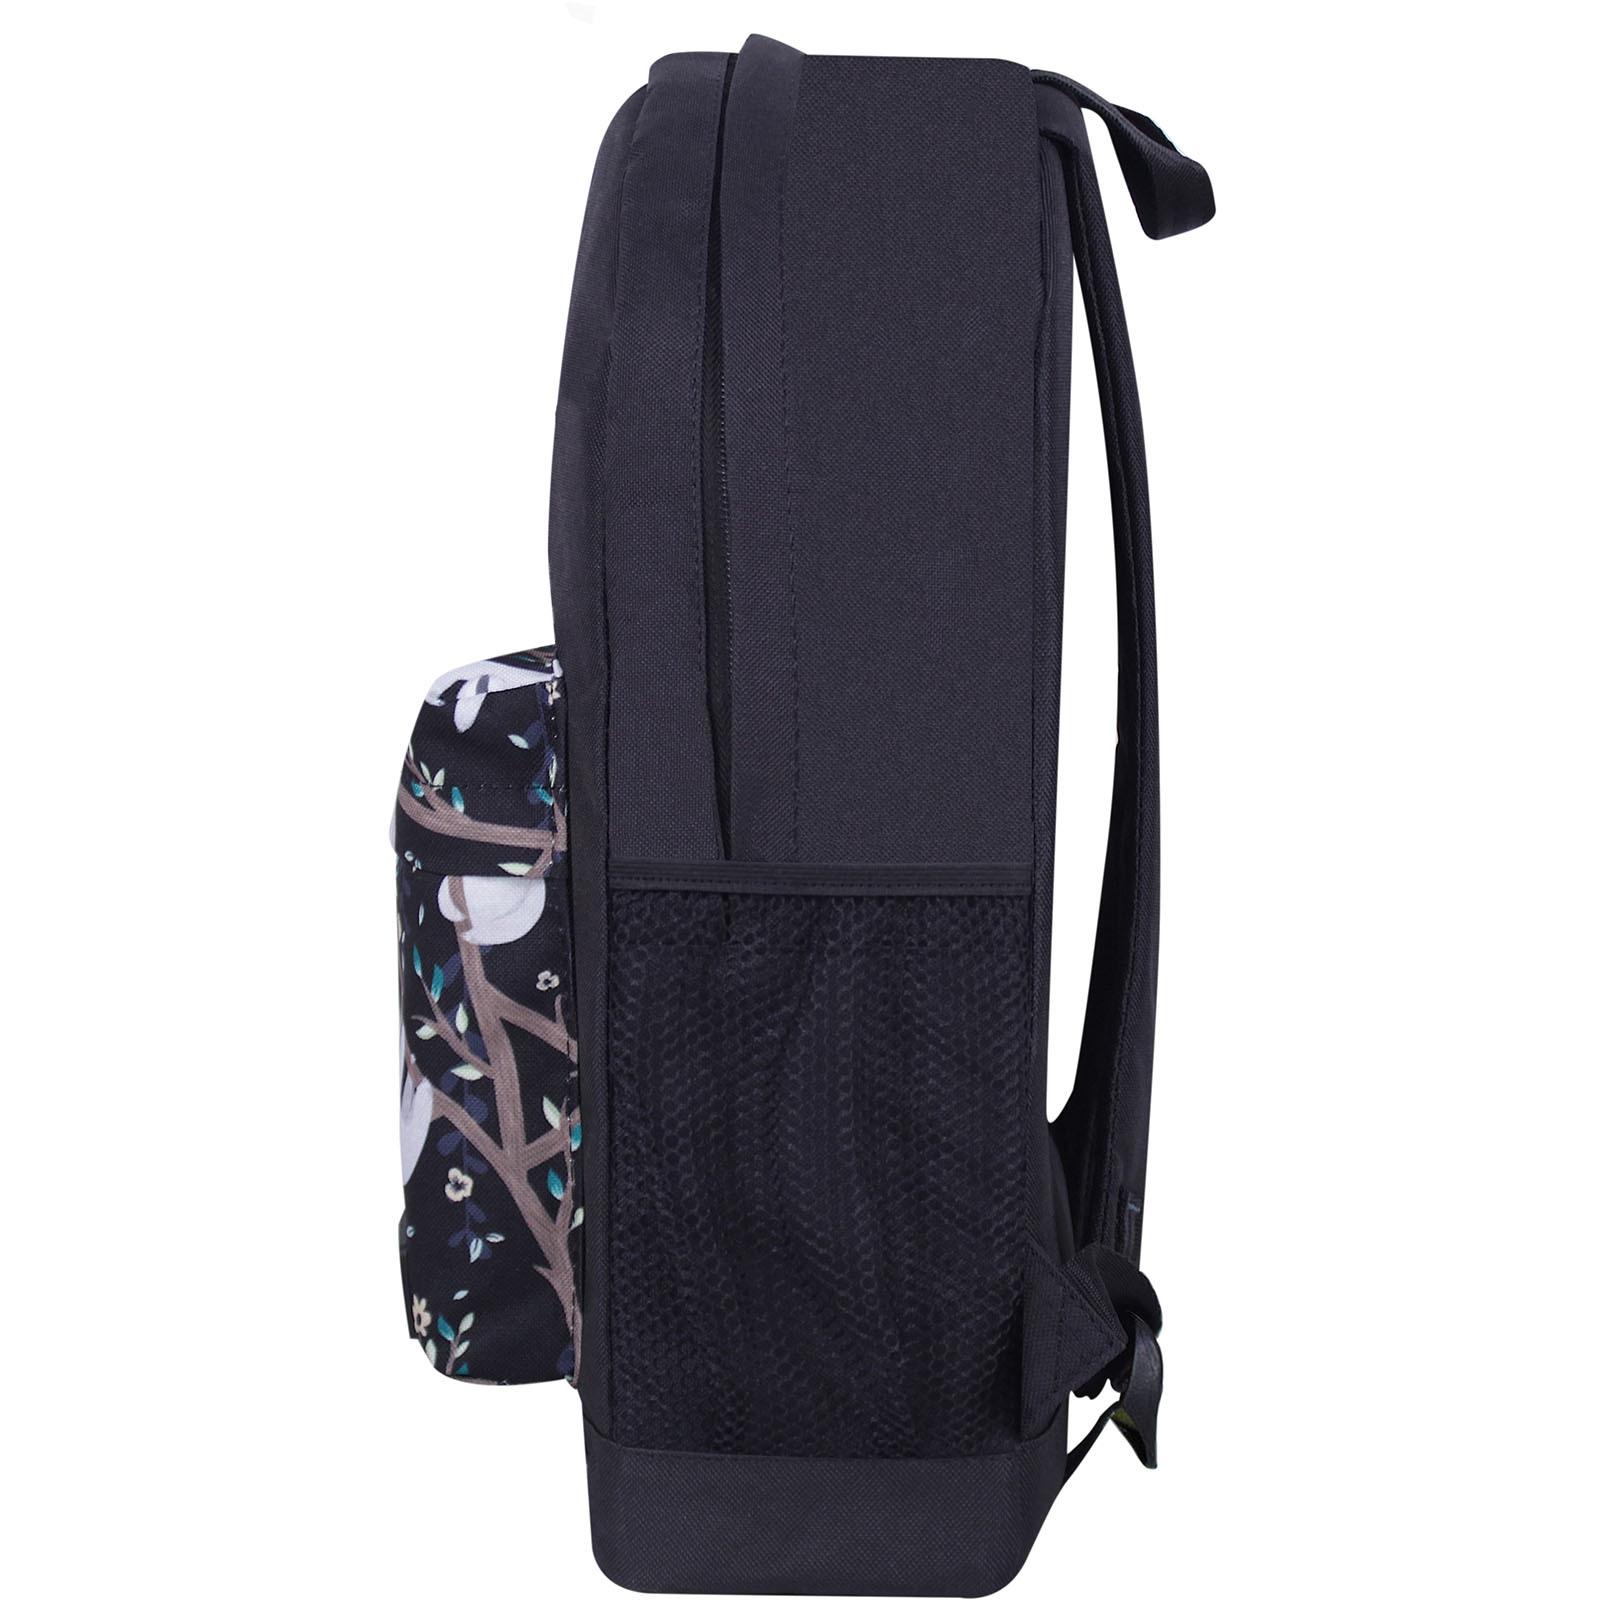 Рюкзак Bagland Молодежный W/R 17 л. Черный 760 (00533662) фото 3